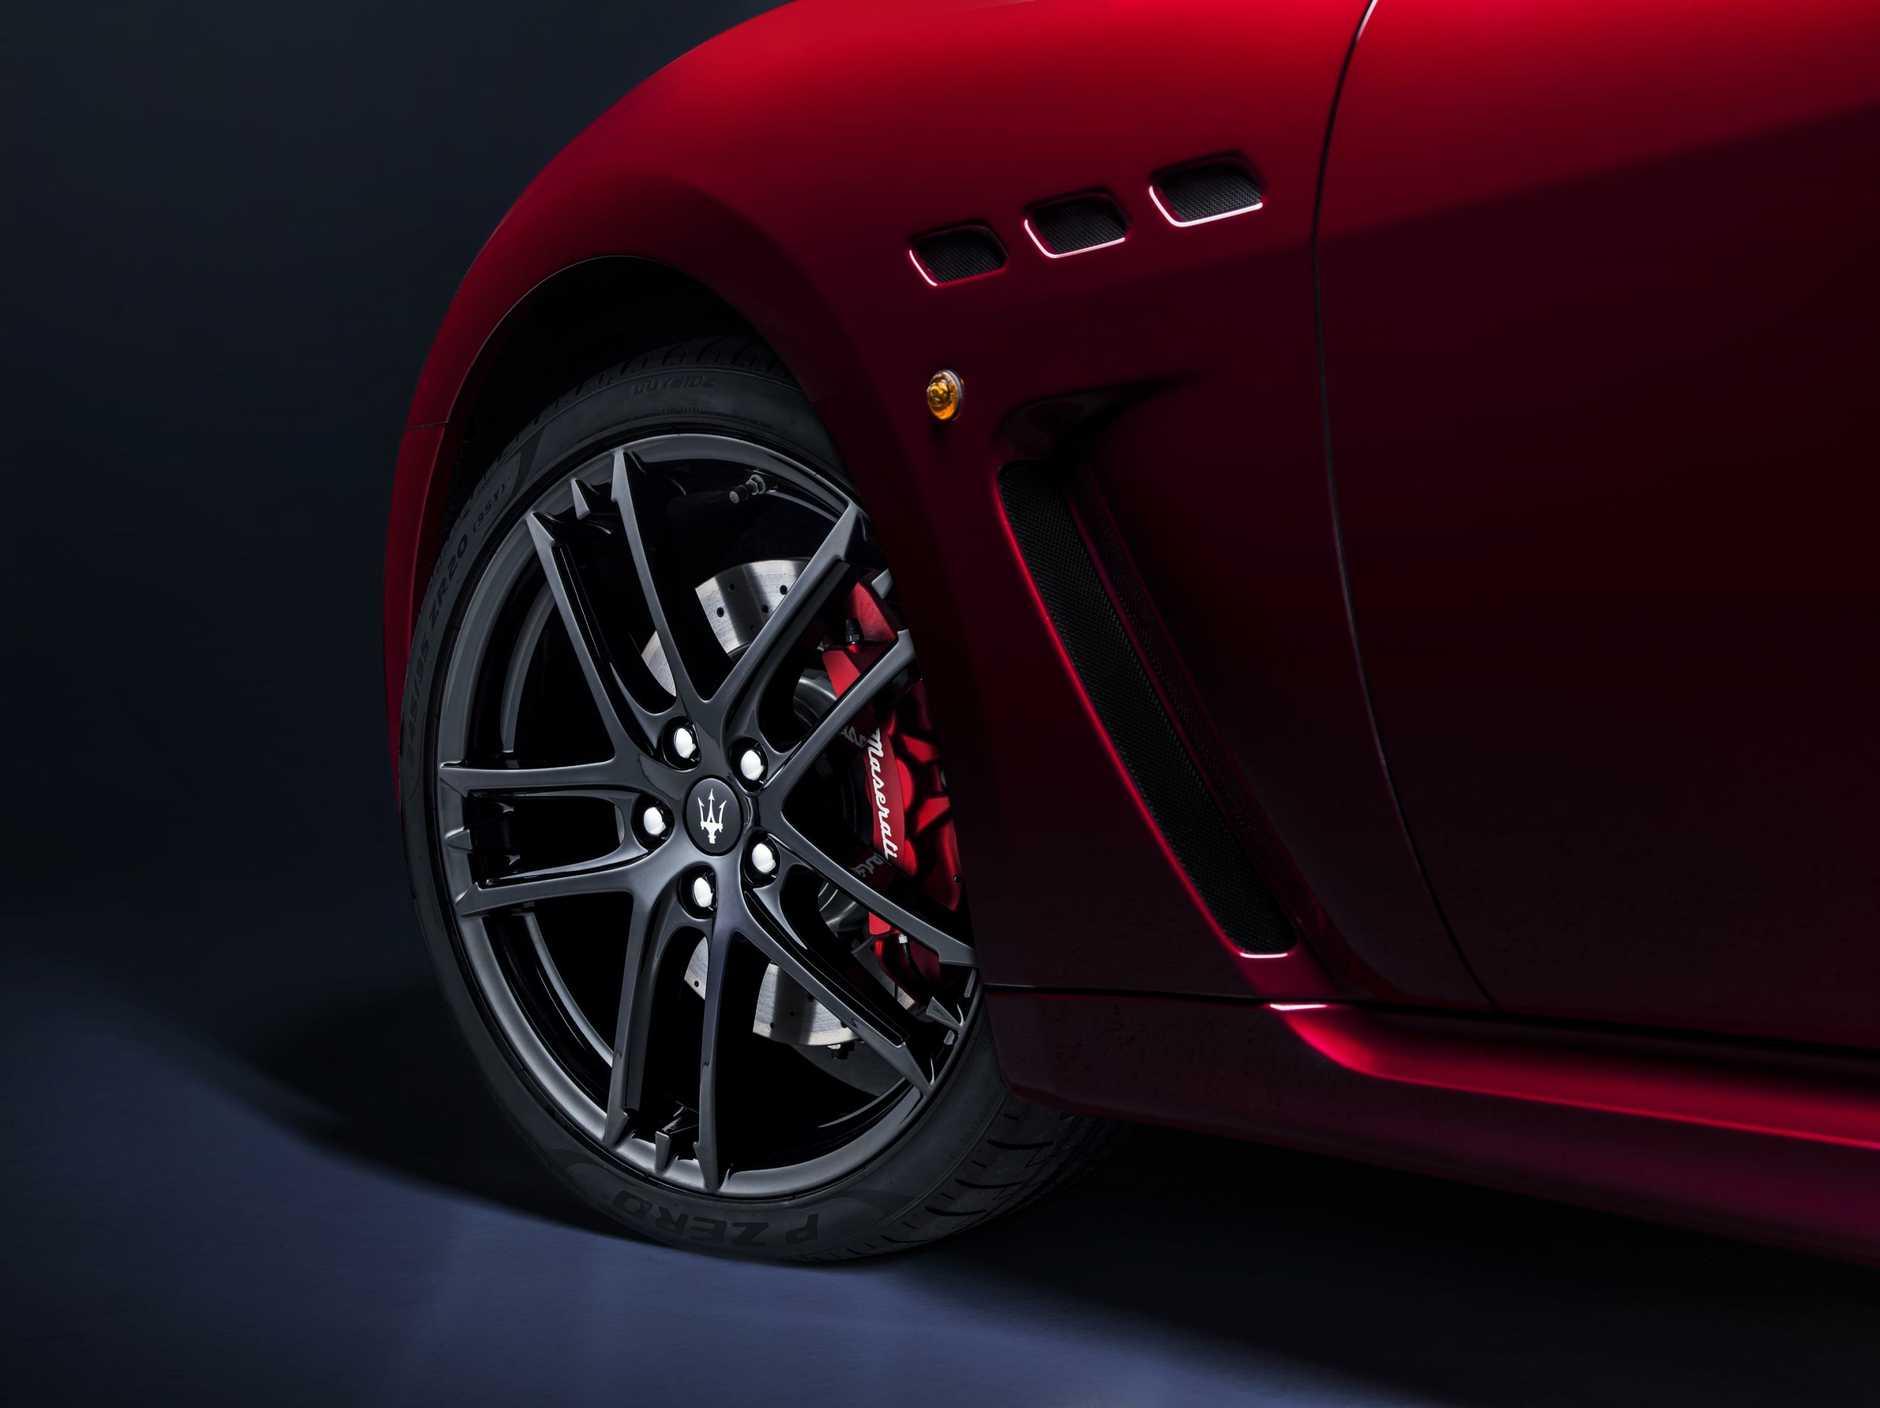 The 2017 Maserati GranTurismo.